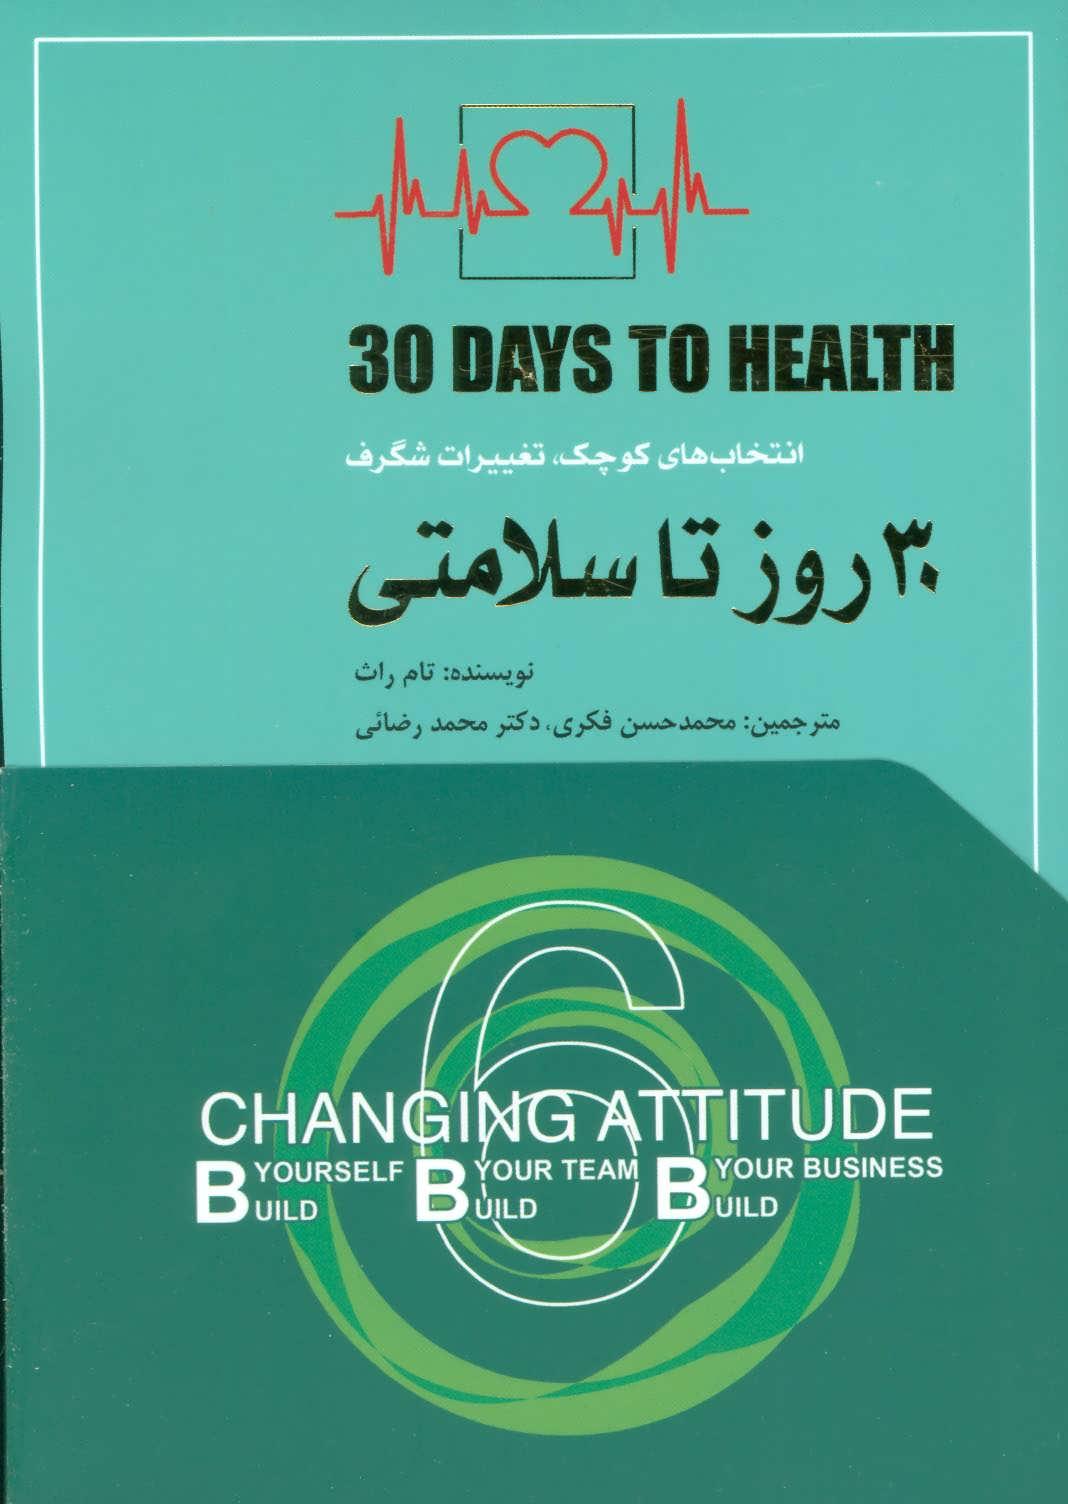 30 روز تا سلامتی (انتخاب های کوچک،تغییرات شگرف)